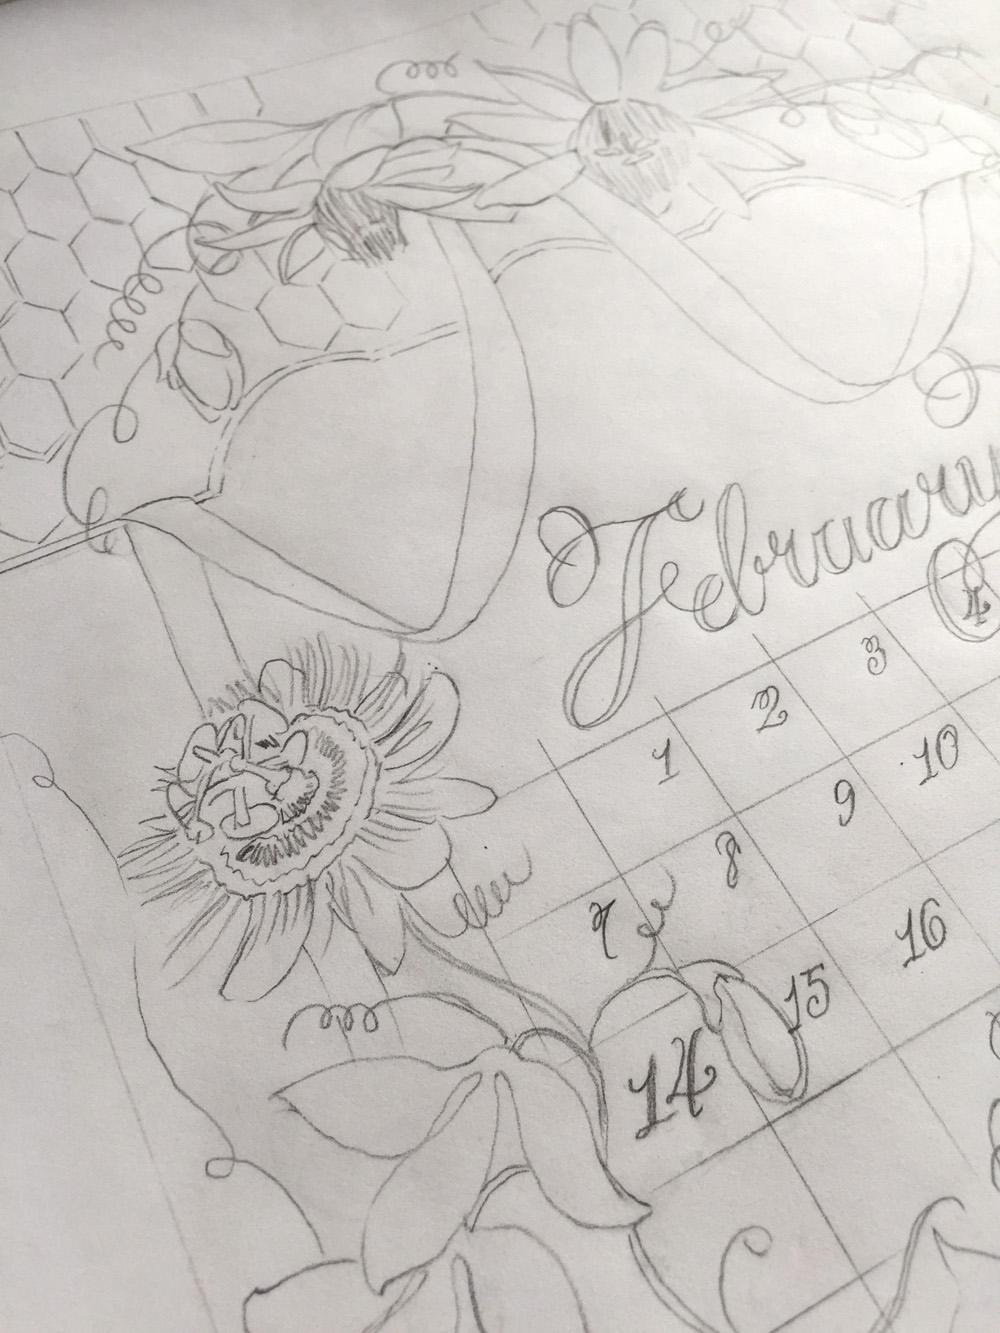 Calendar sketch-3726.jpg